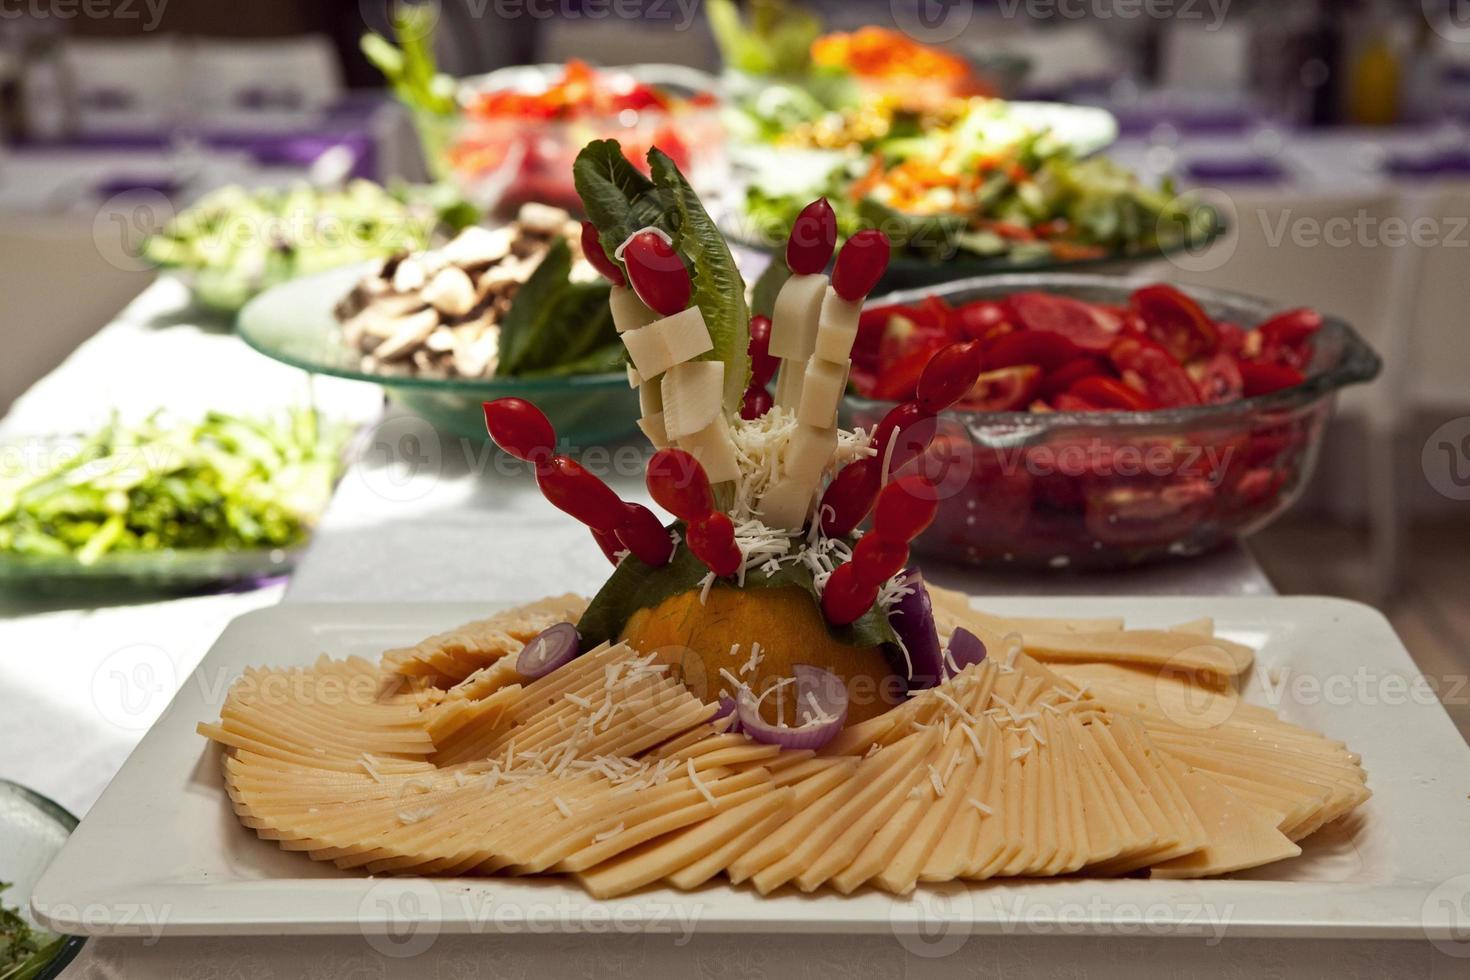 comidas increíbles y deliciosas en varios restaurantes de todo el mundo foto